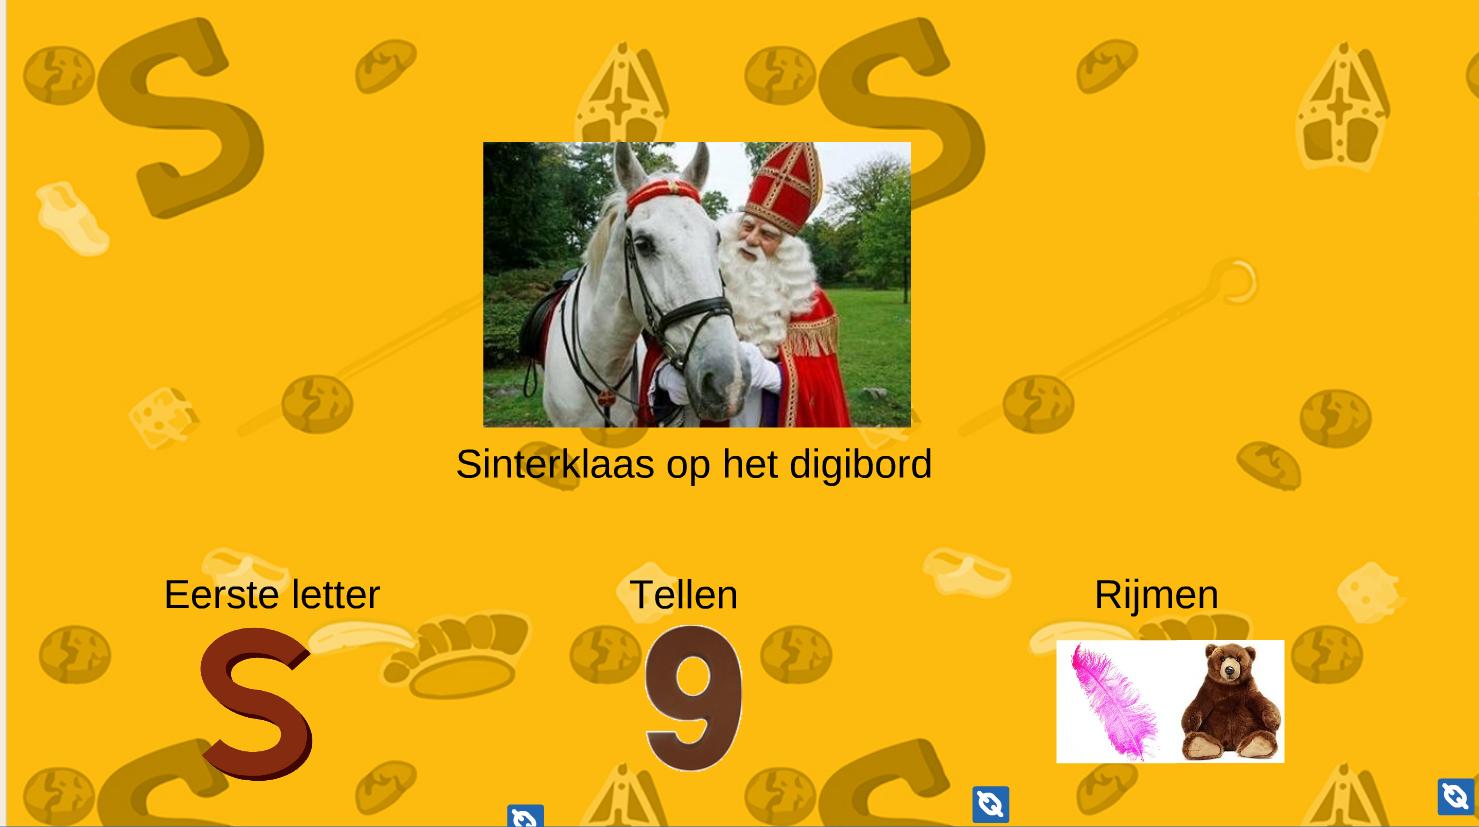 Sinterklaas digibordles voor kleuters